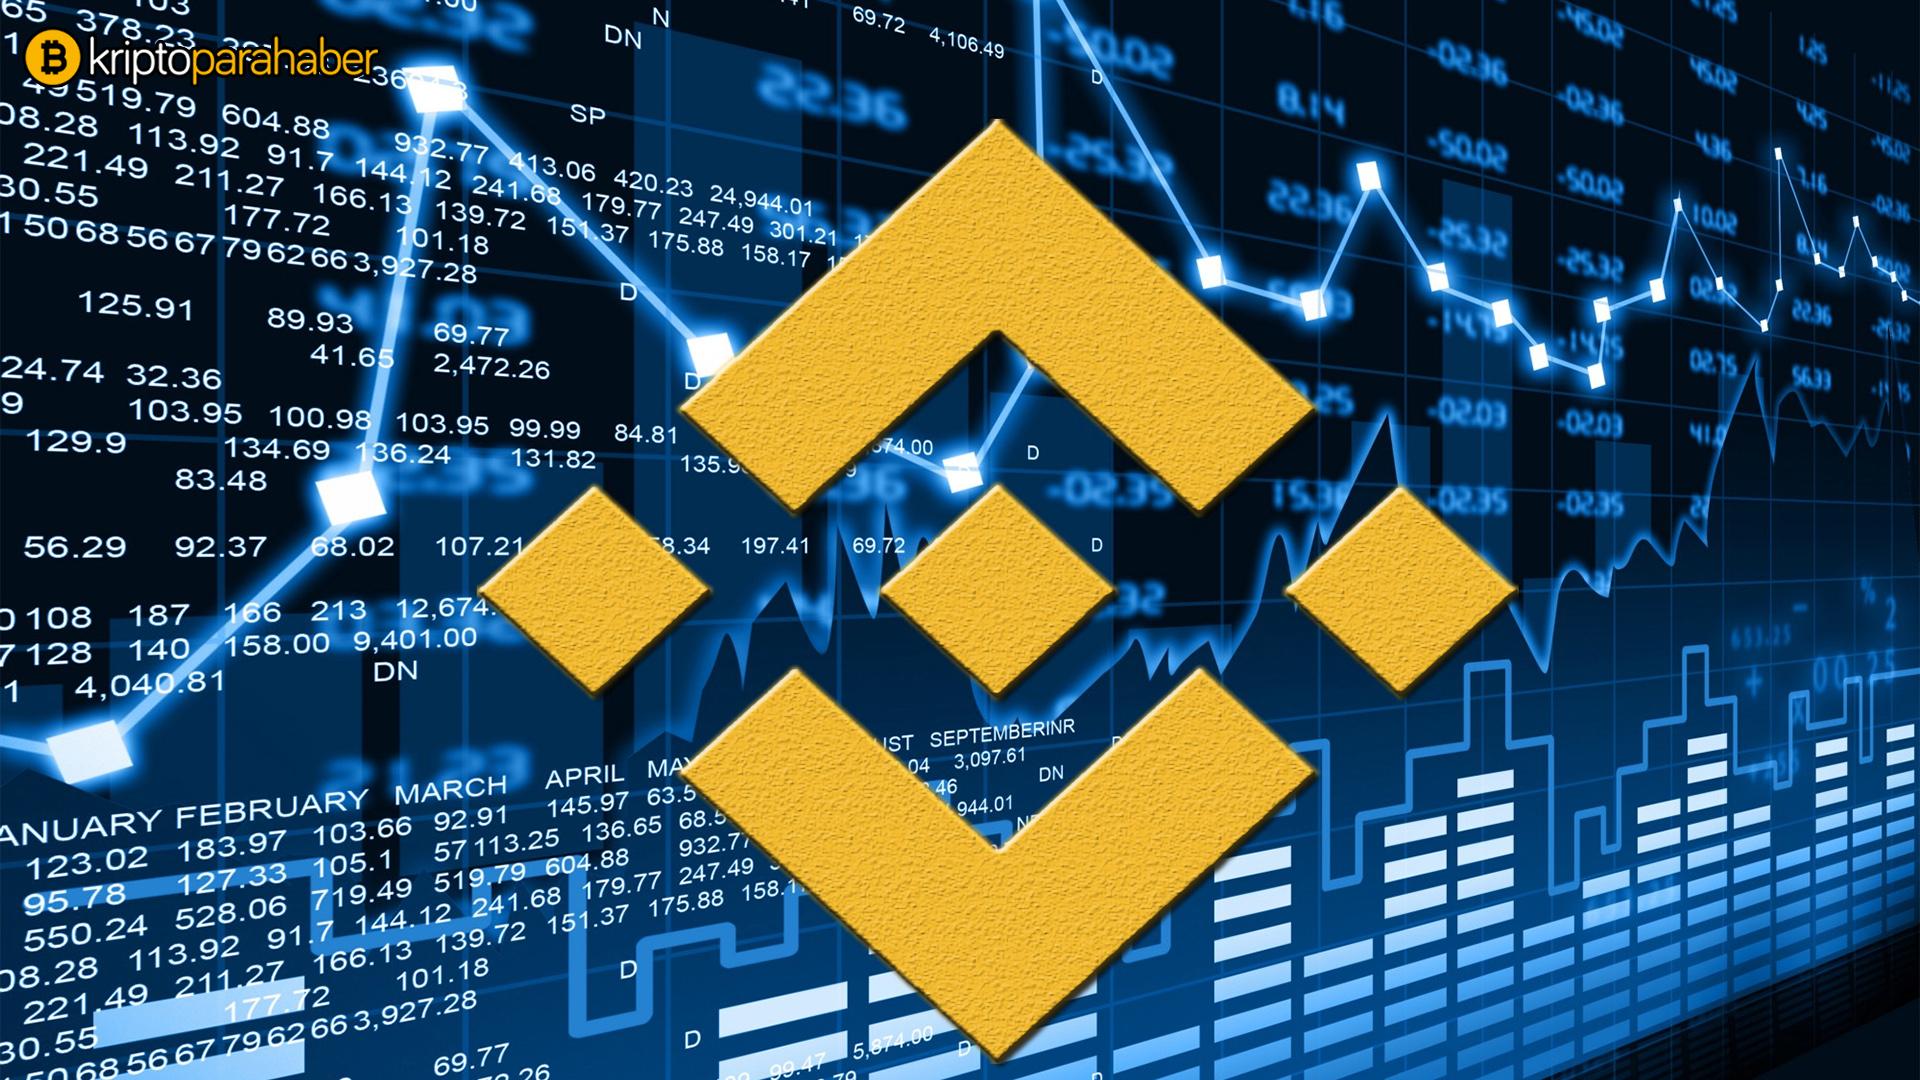 Binance Coin ve Augur fiyat analizi: BNB ve REP yükselecek mi? İzlenecek seviyeler